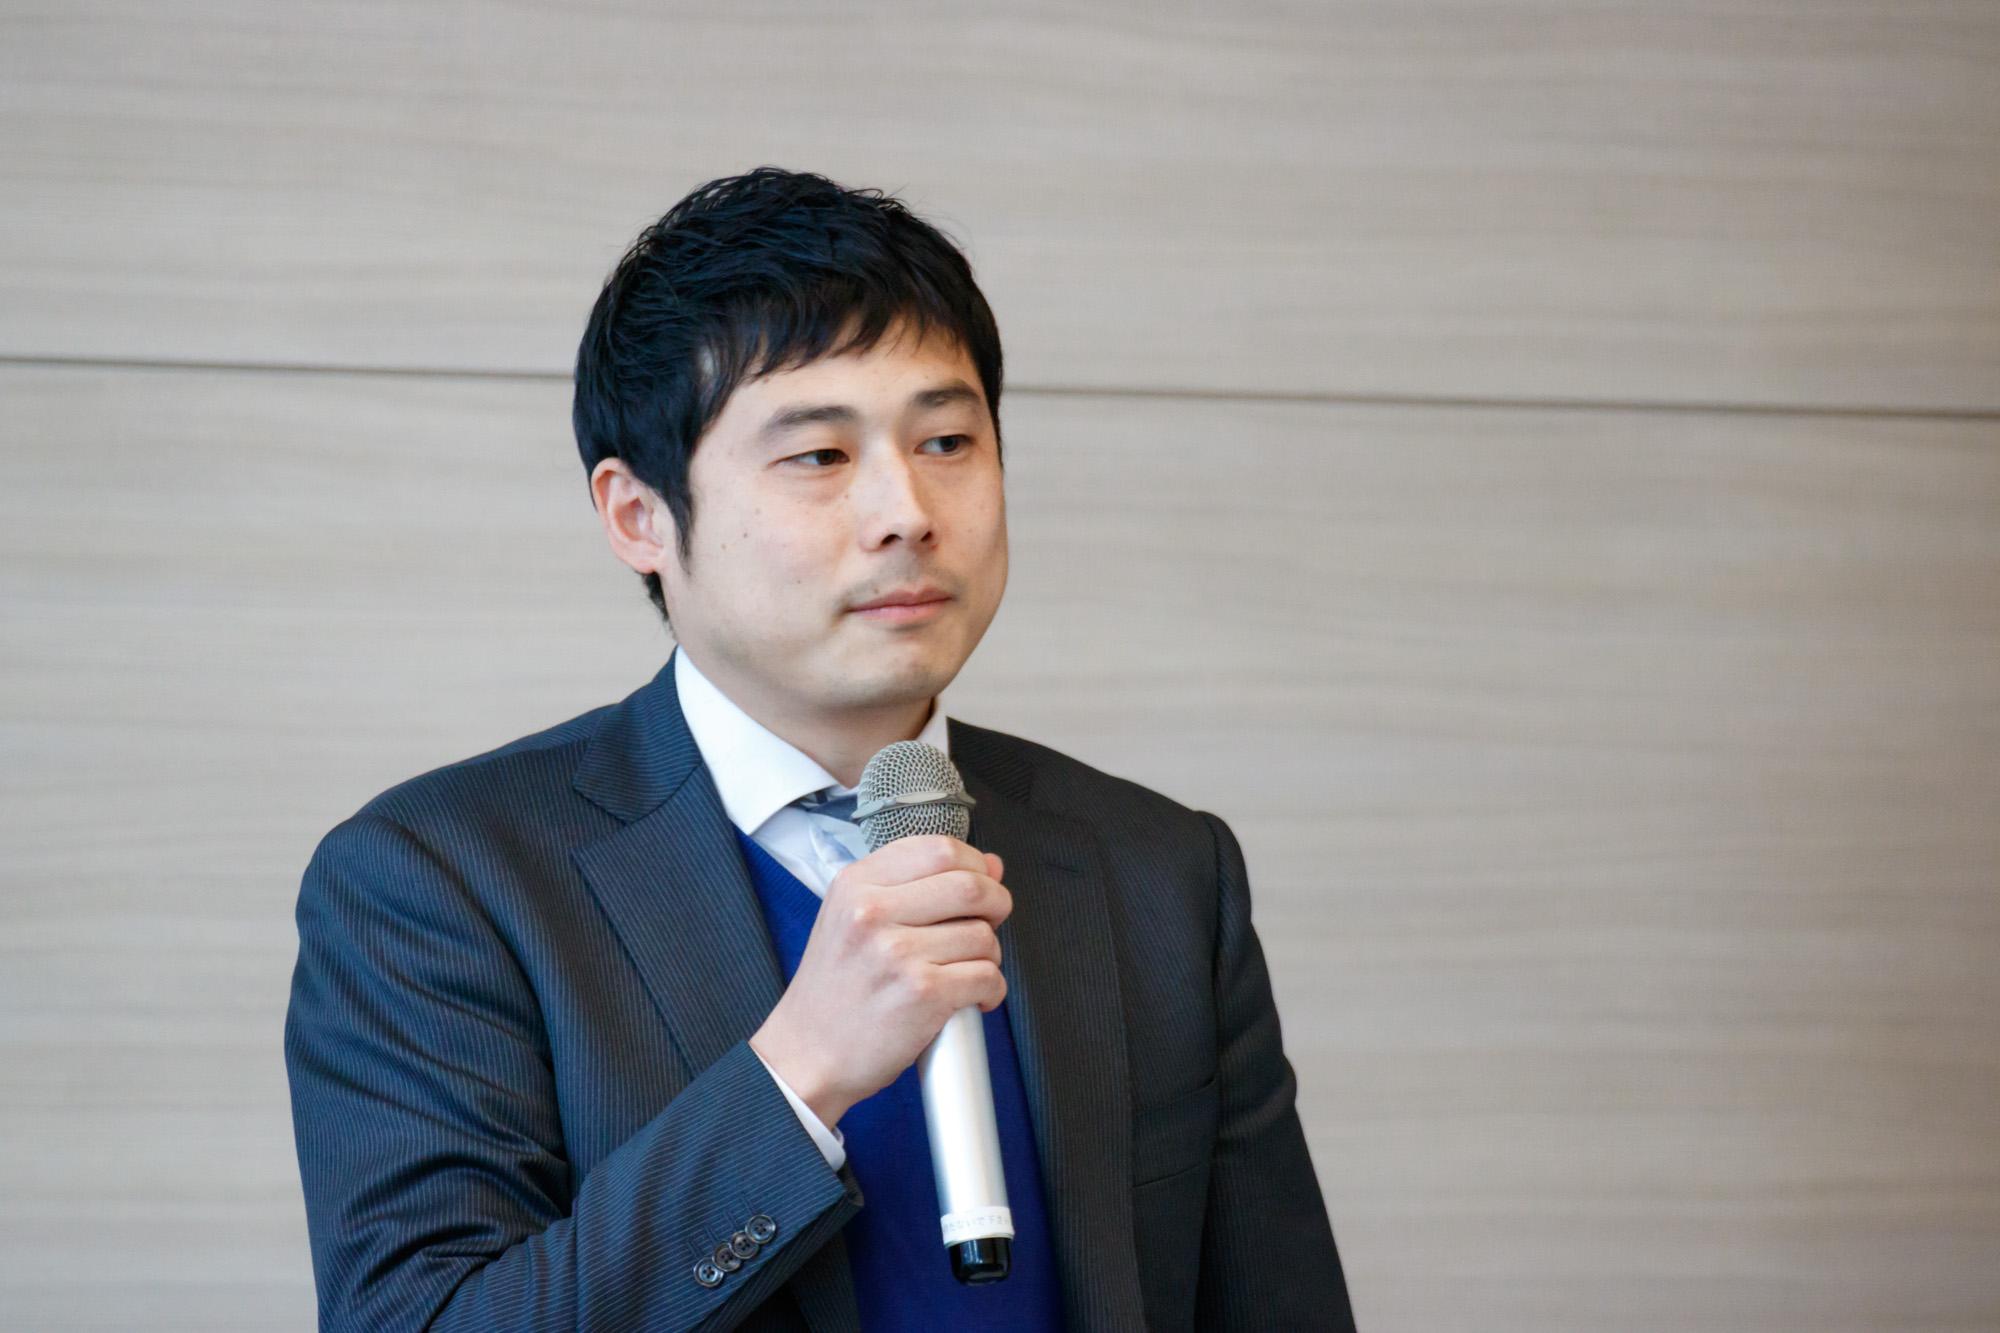 経営共創基盤マネジャー・公認会計士・鈴木 博史氏